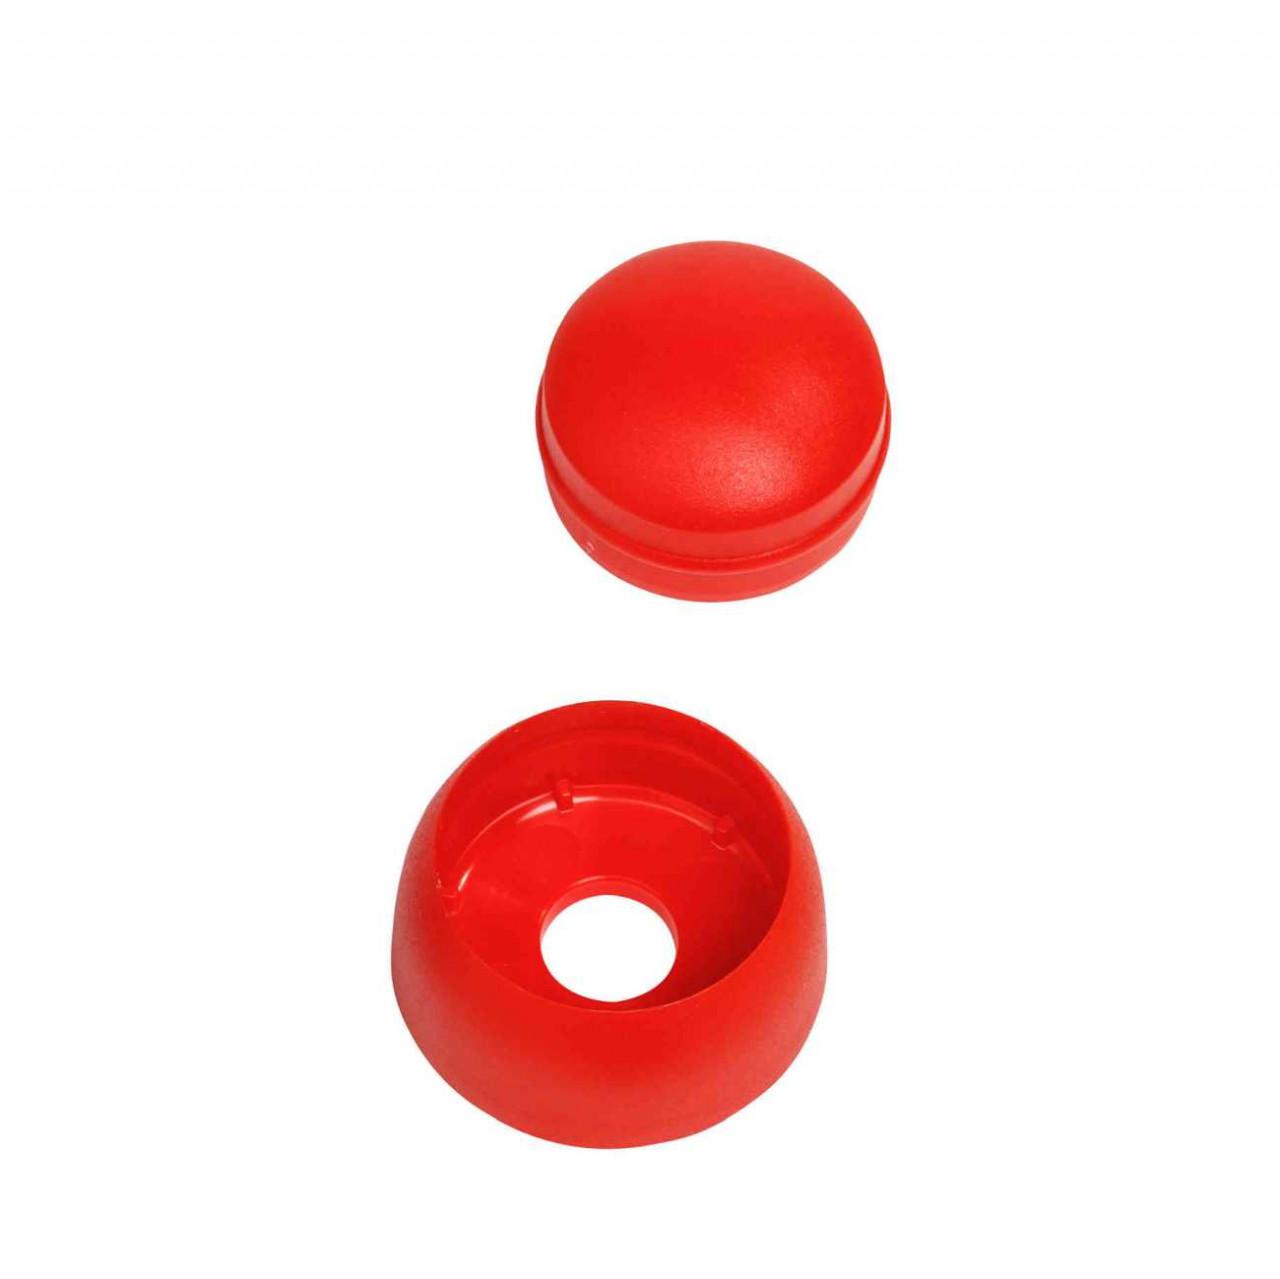 Abdeckkappen, Bolzenabdeckungen, 8-10 mm (10 Stück), Kinder Spielturm